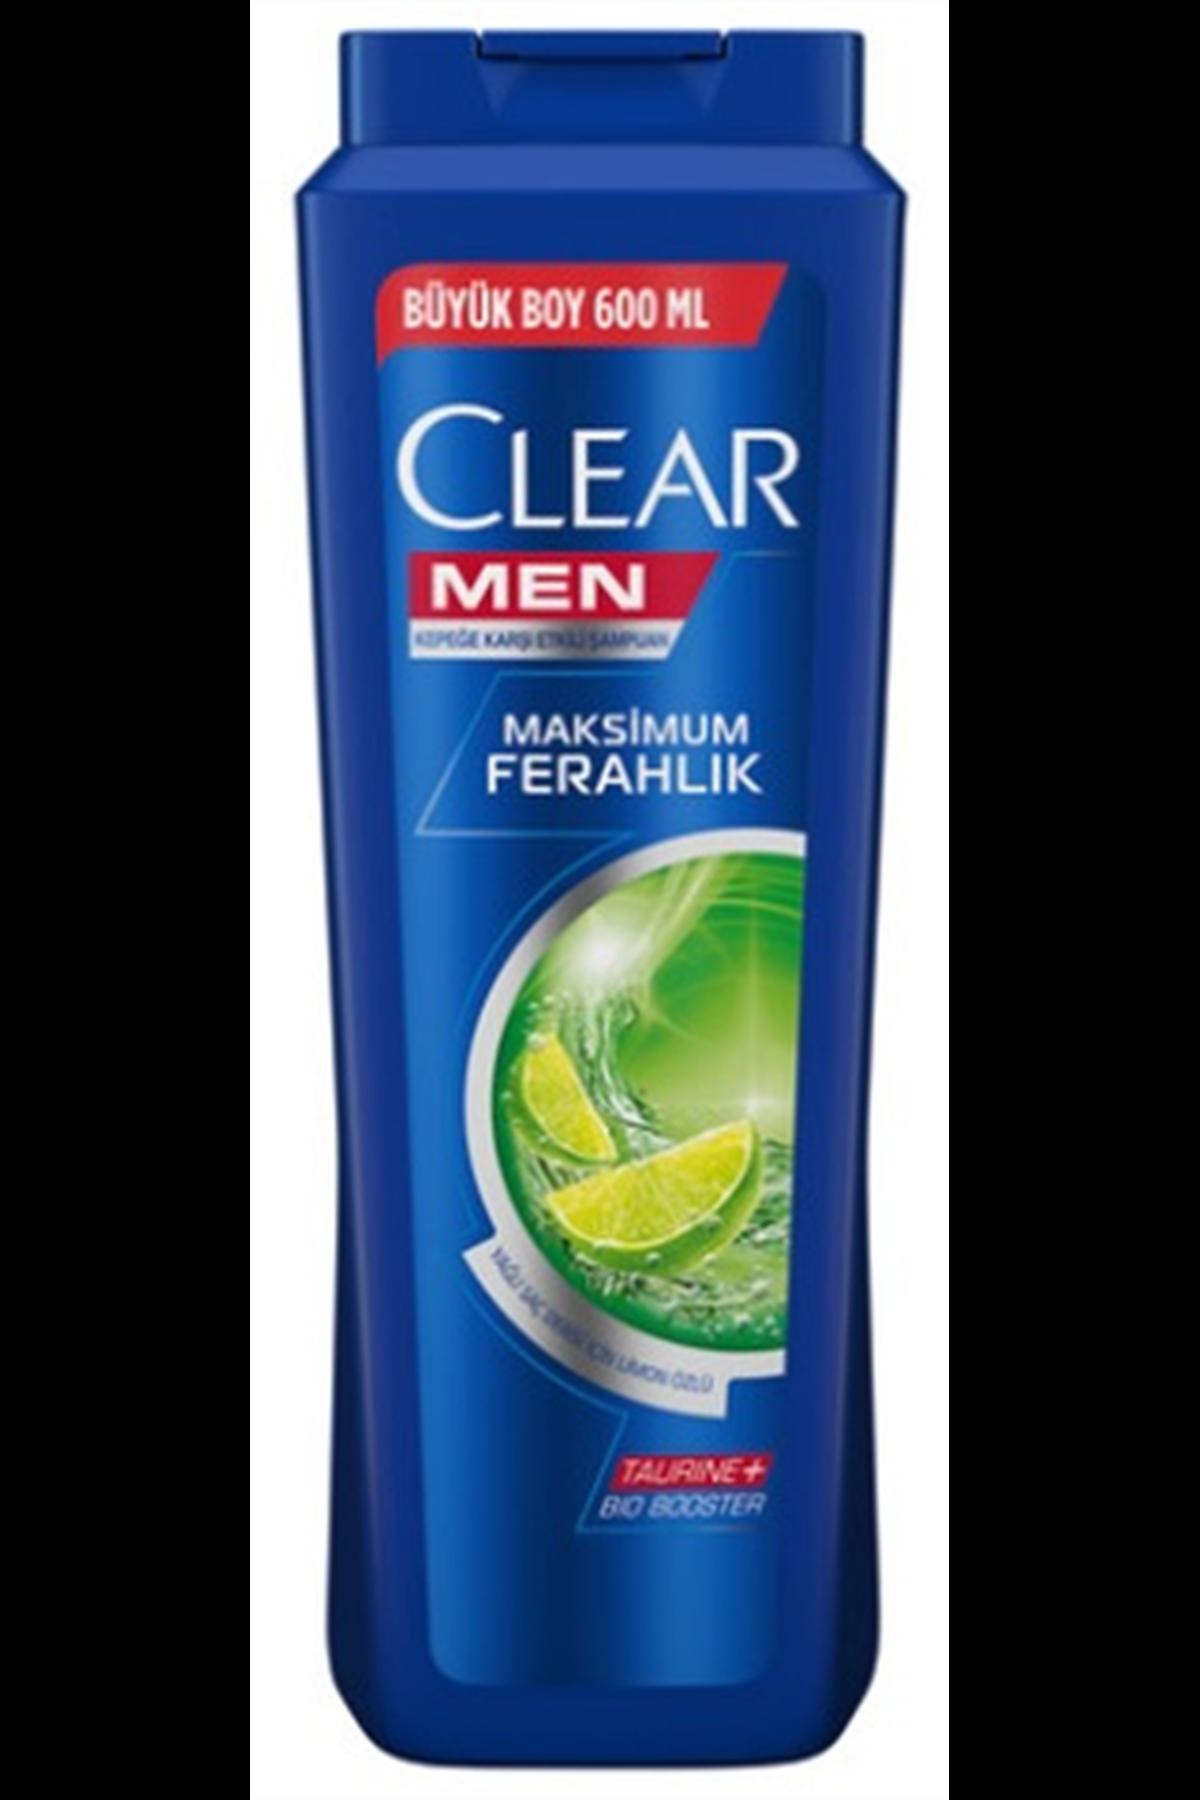 Clear Men Sampuan 600 ML Yağlı Saçlar Limon Özlü